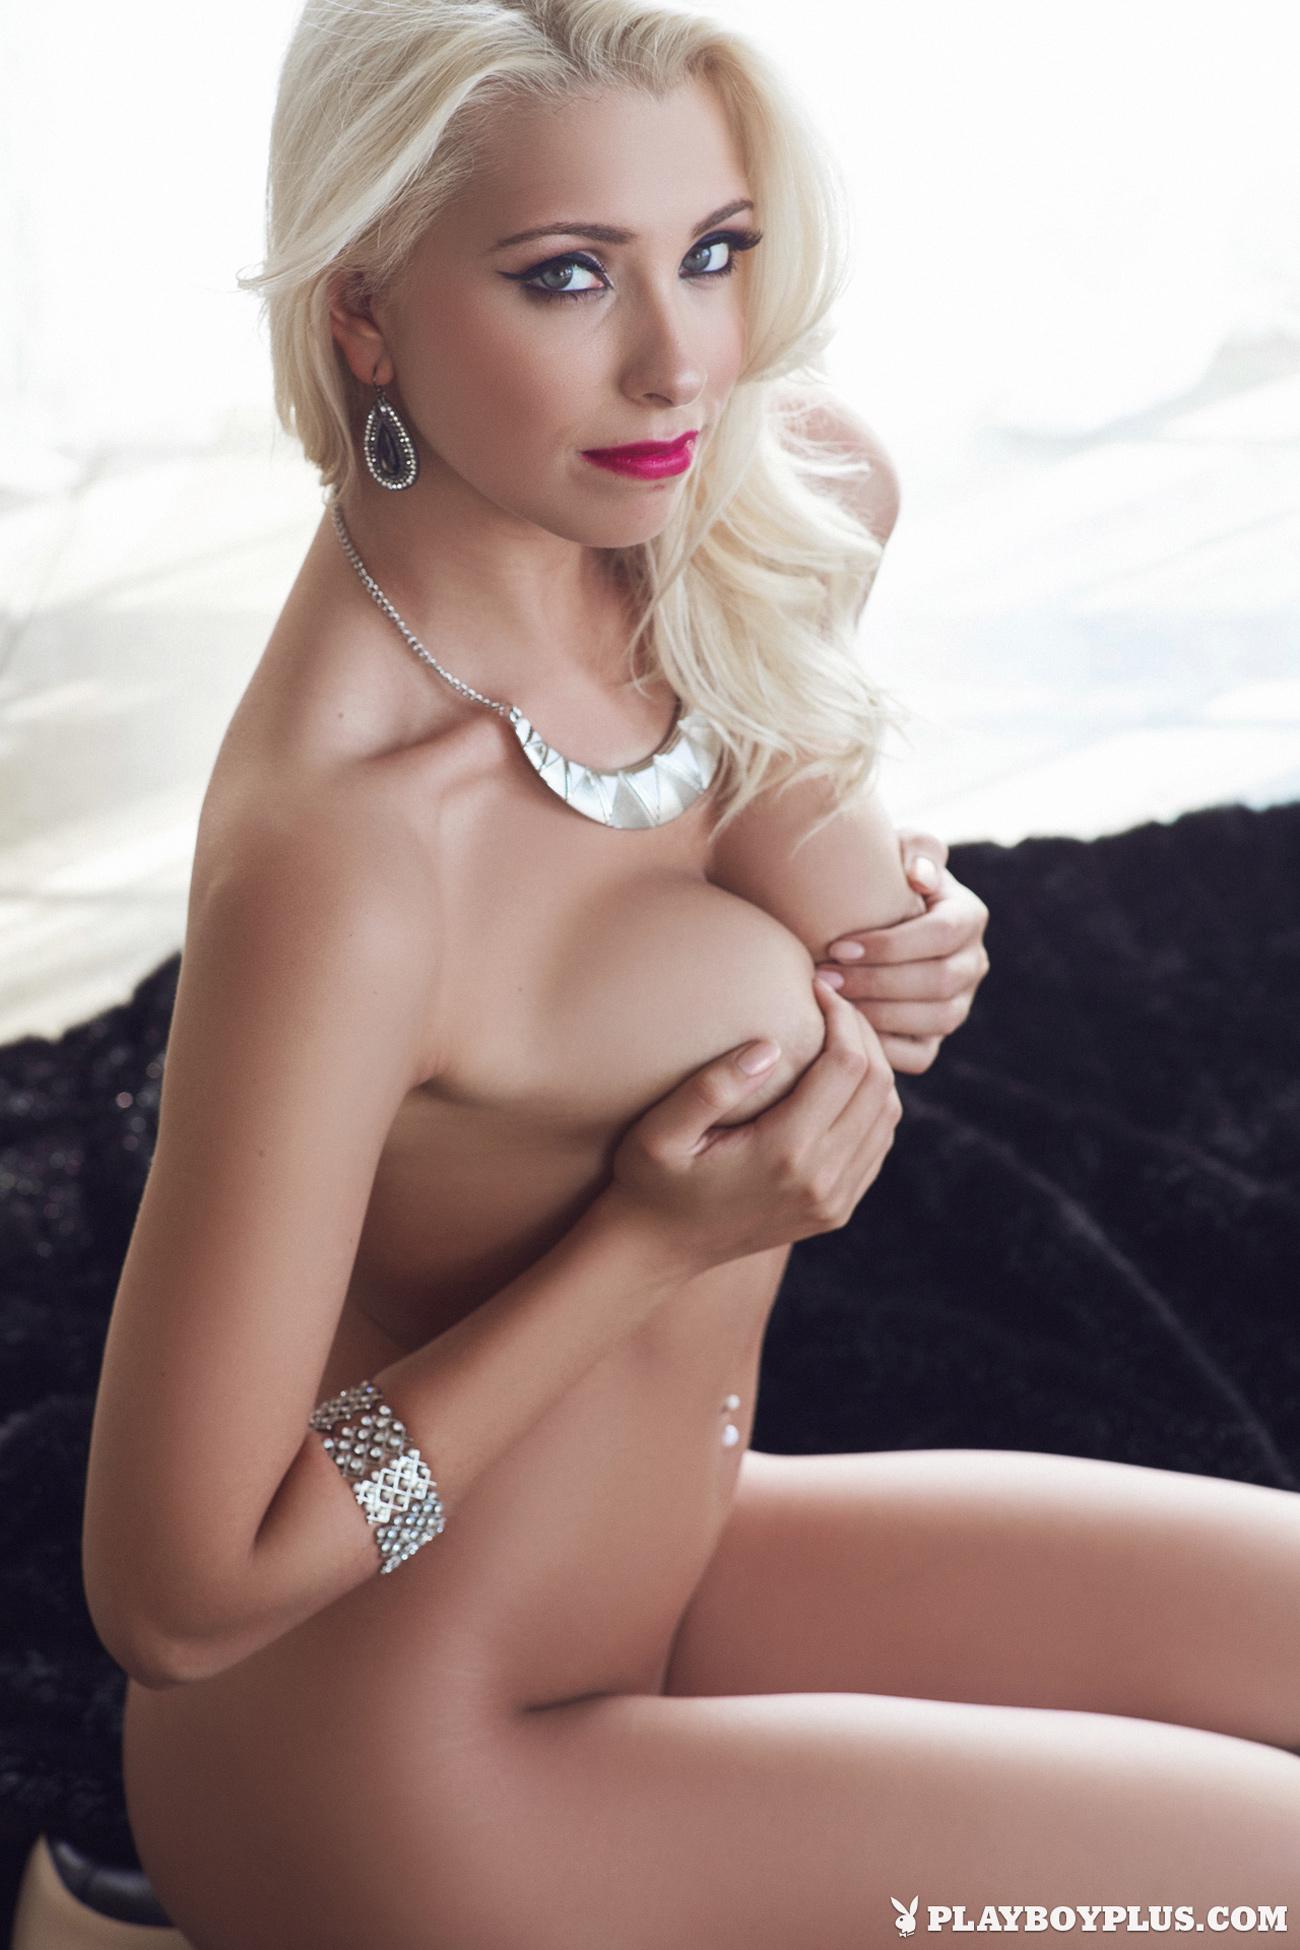 alissa-arden-blonde-nude-playboy-22